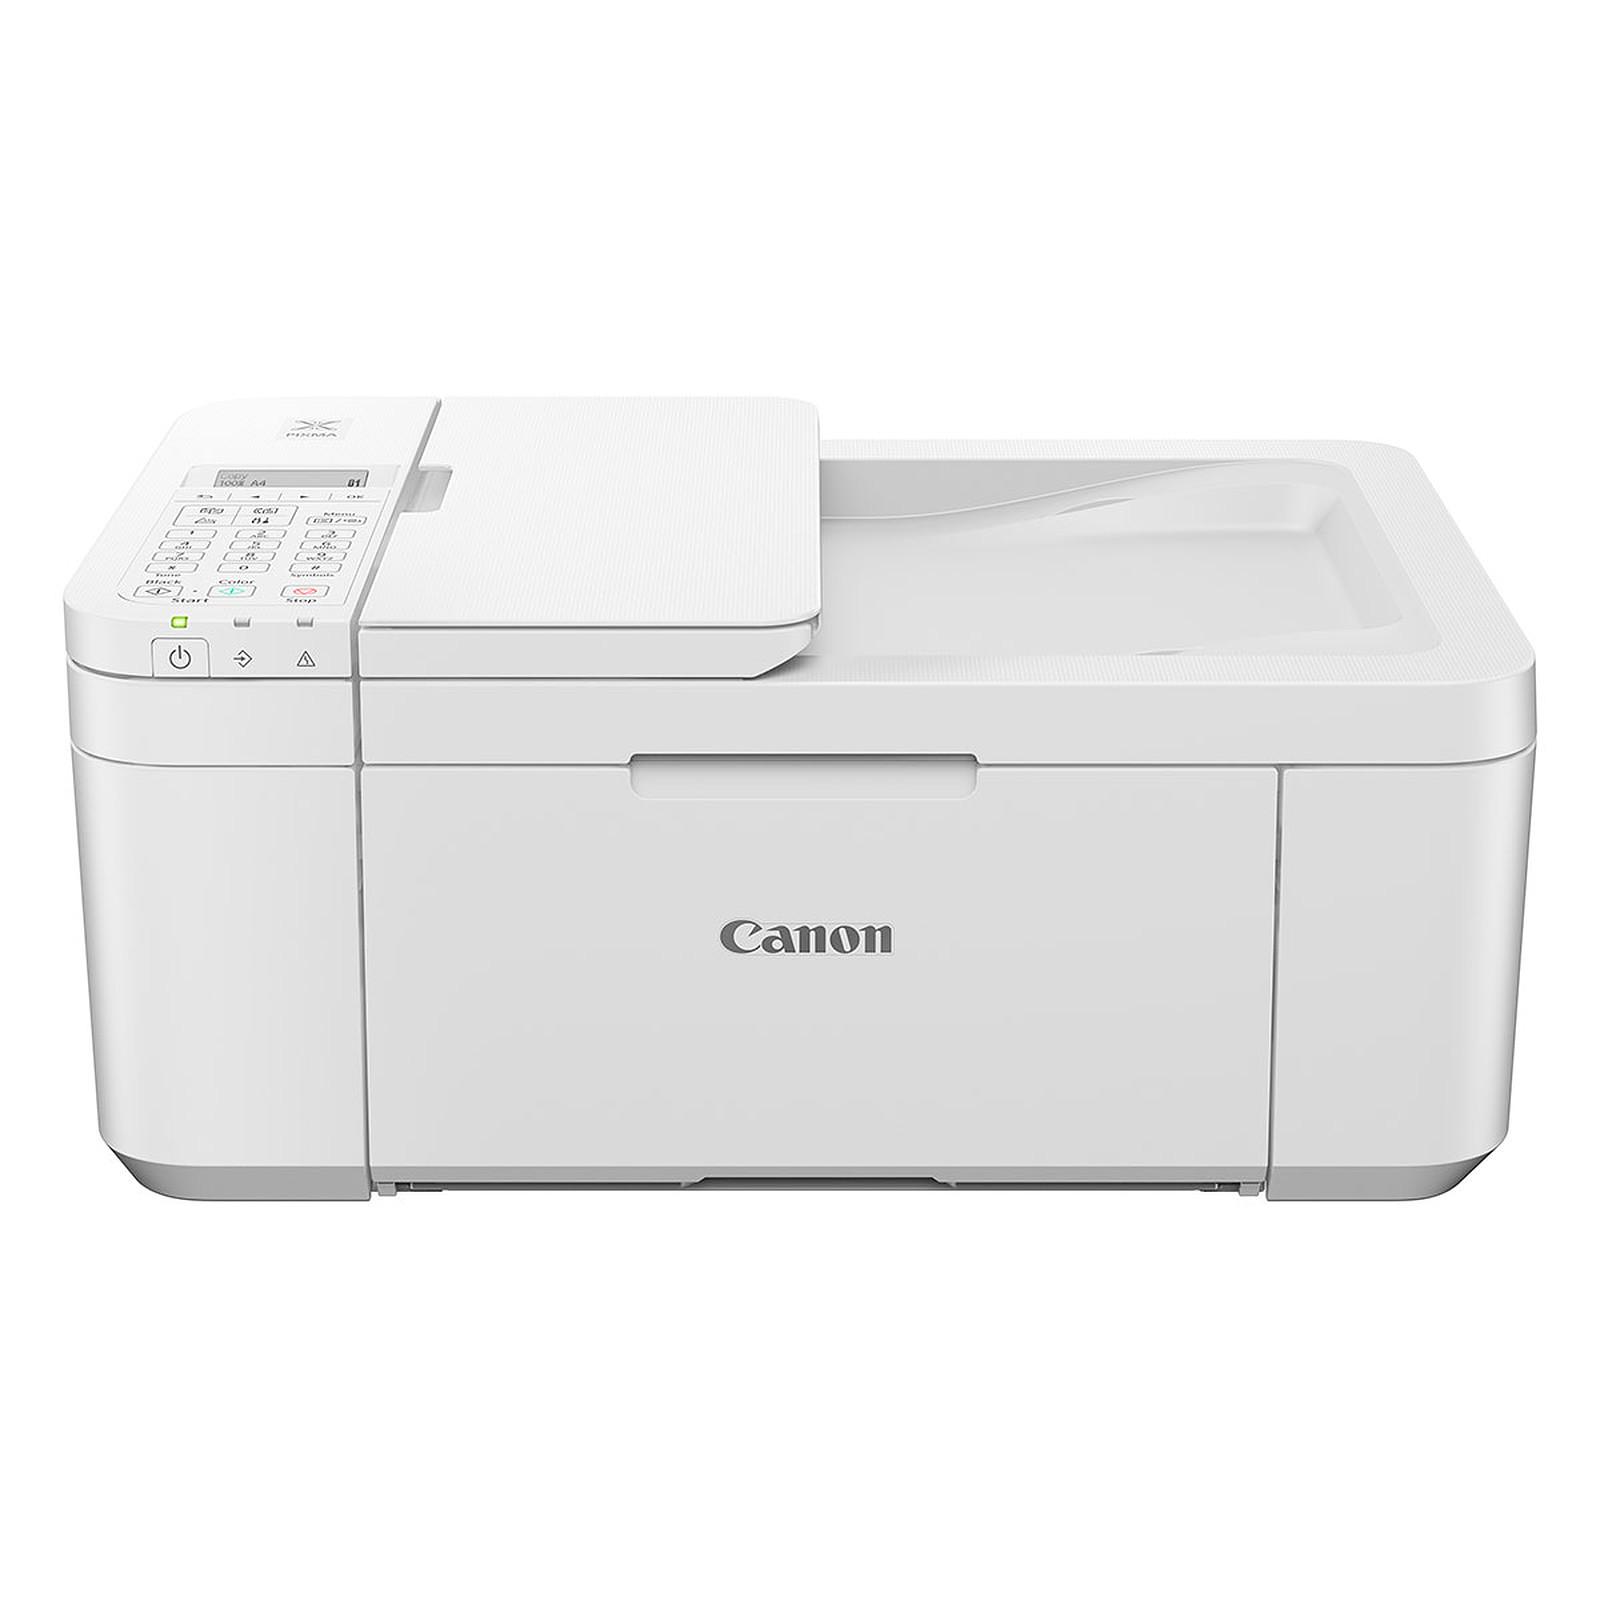 Imprimante multifonction Canon PIXMA TR4551 White - Cybertek.fr - 0